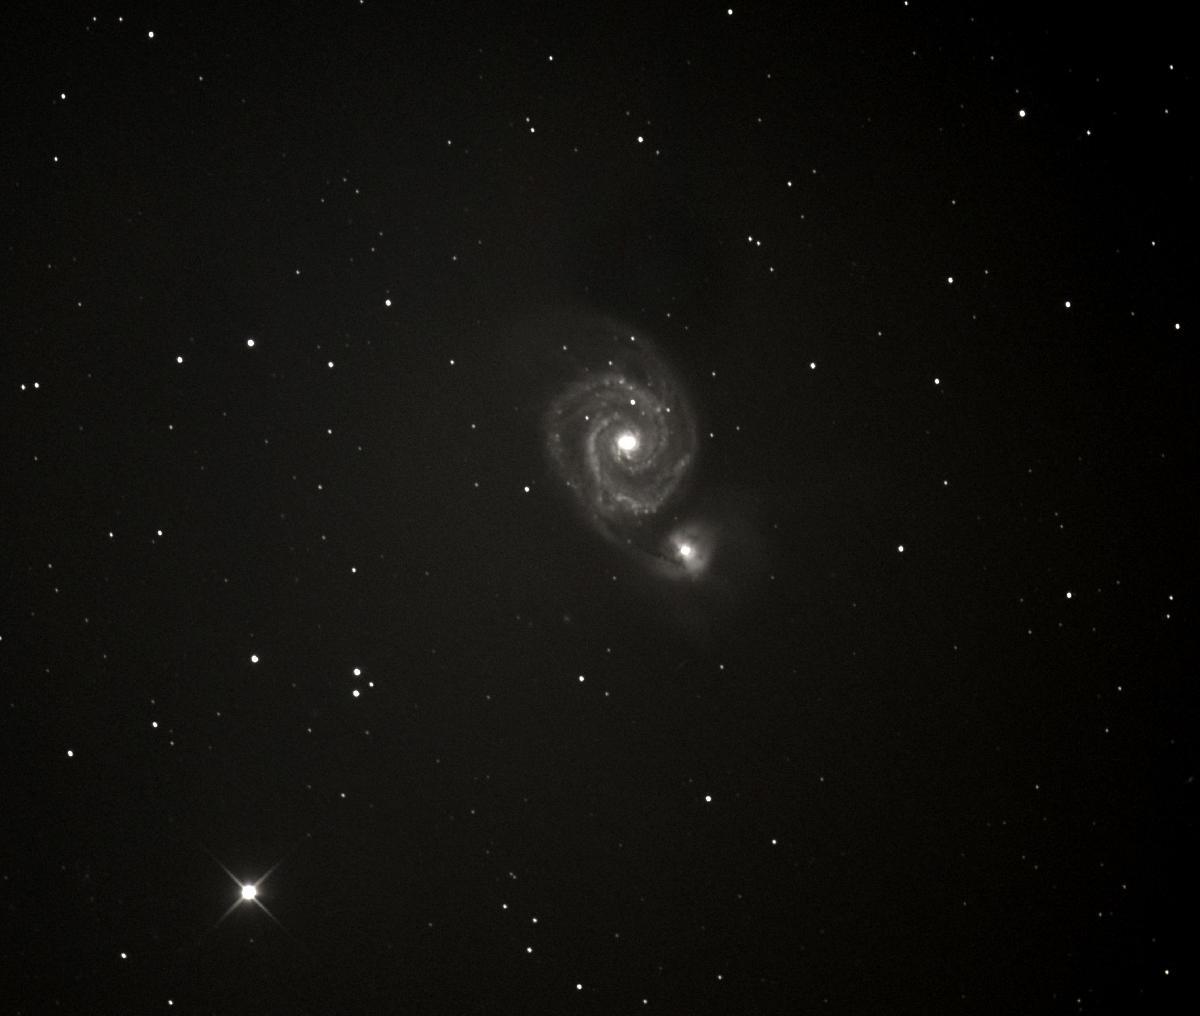 M51-Premiere Galaxie